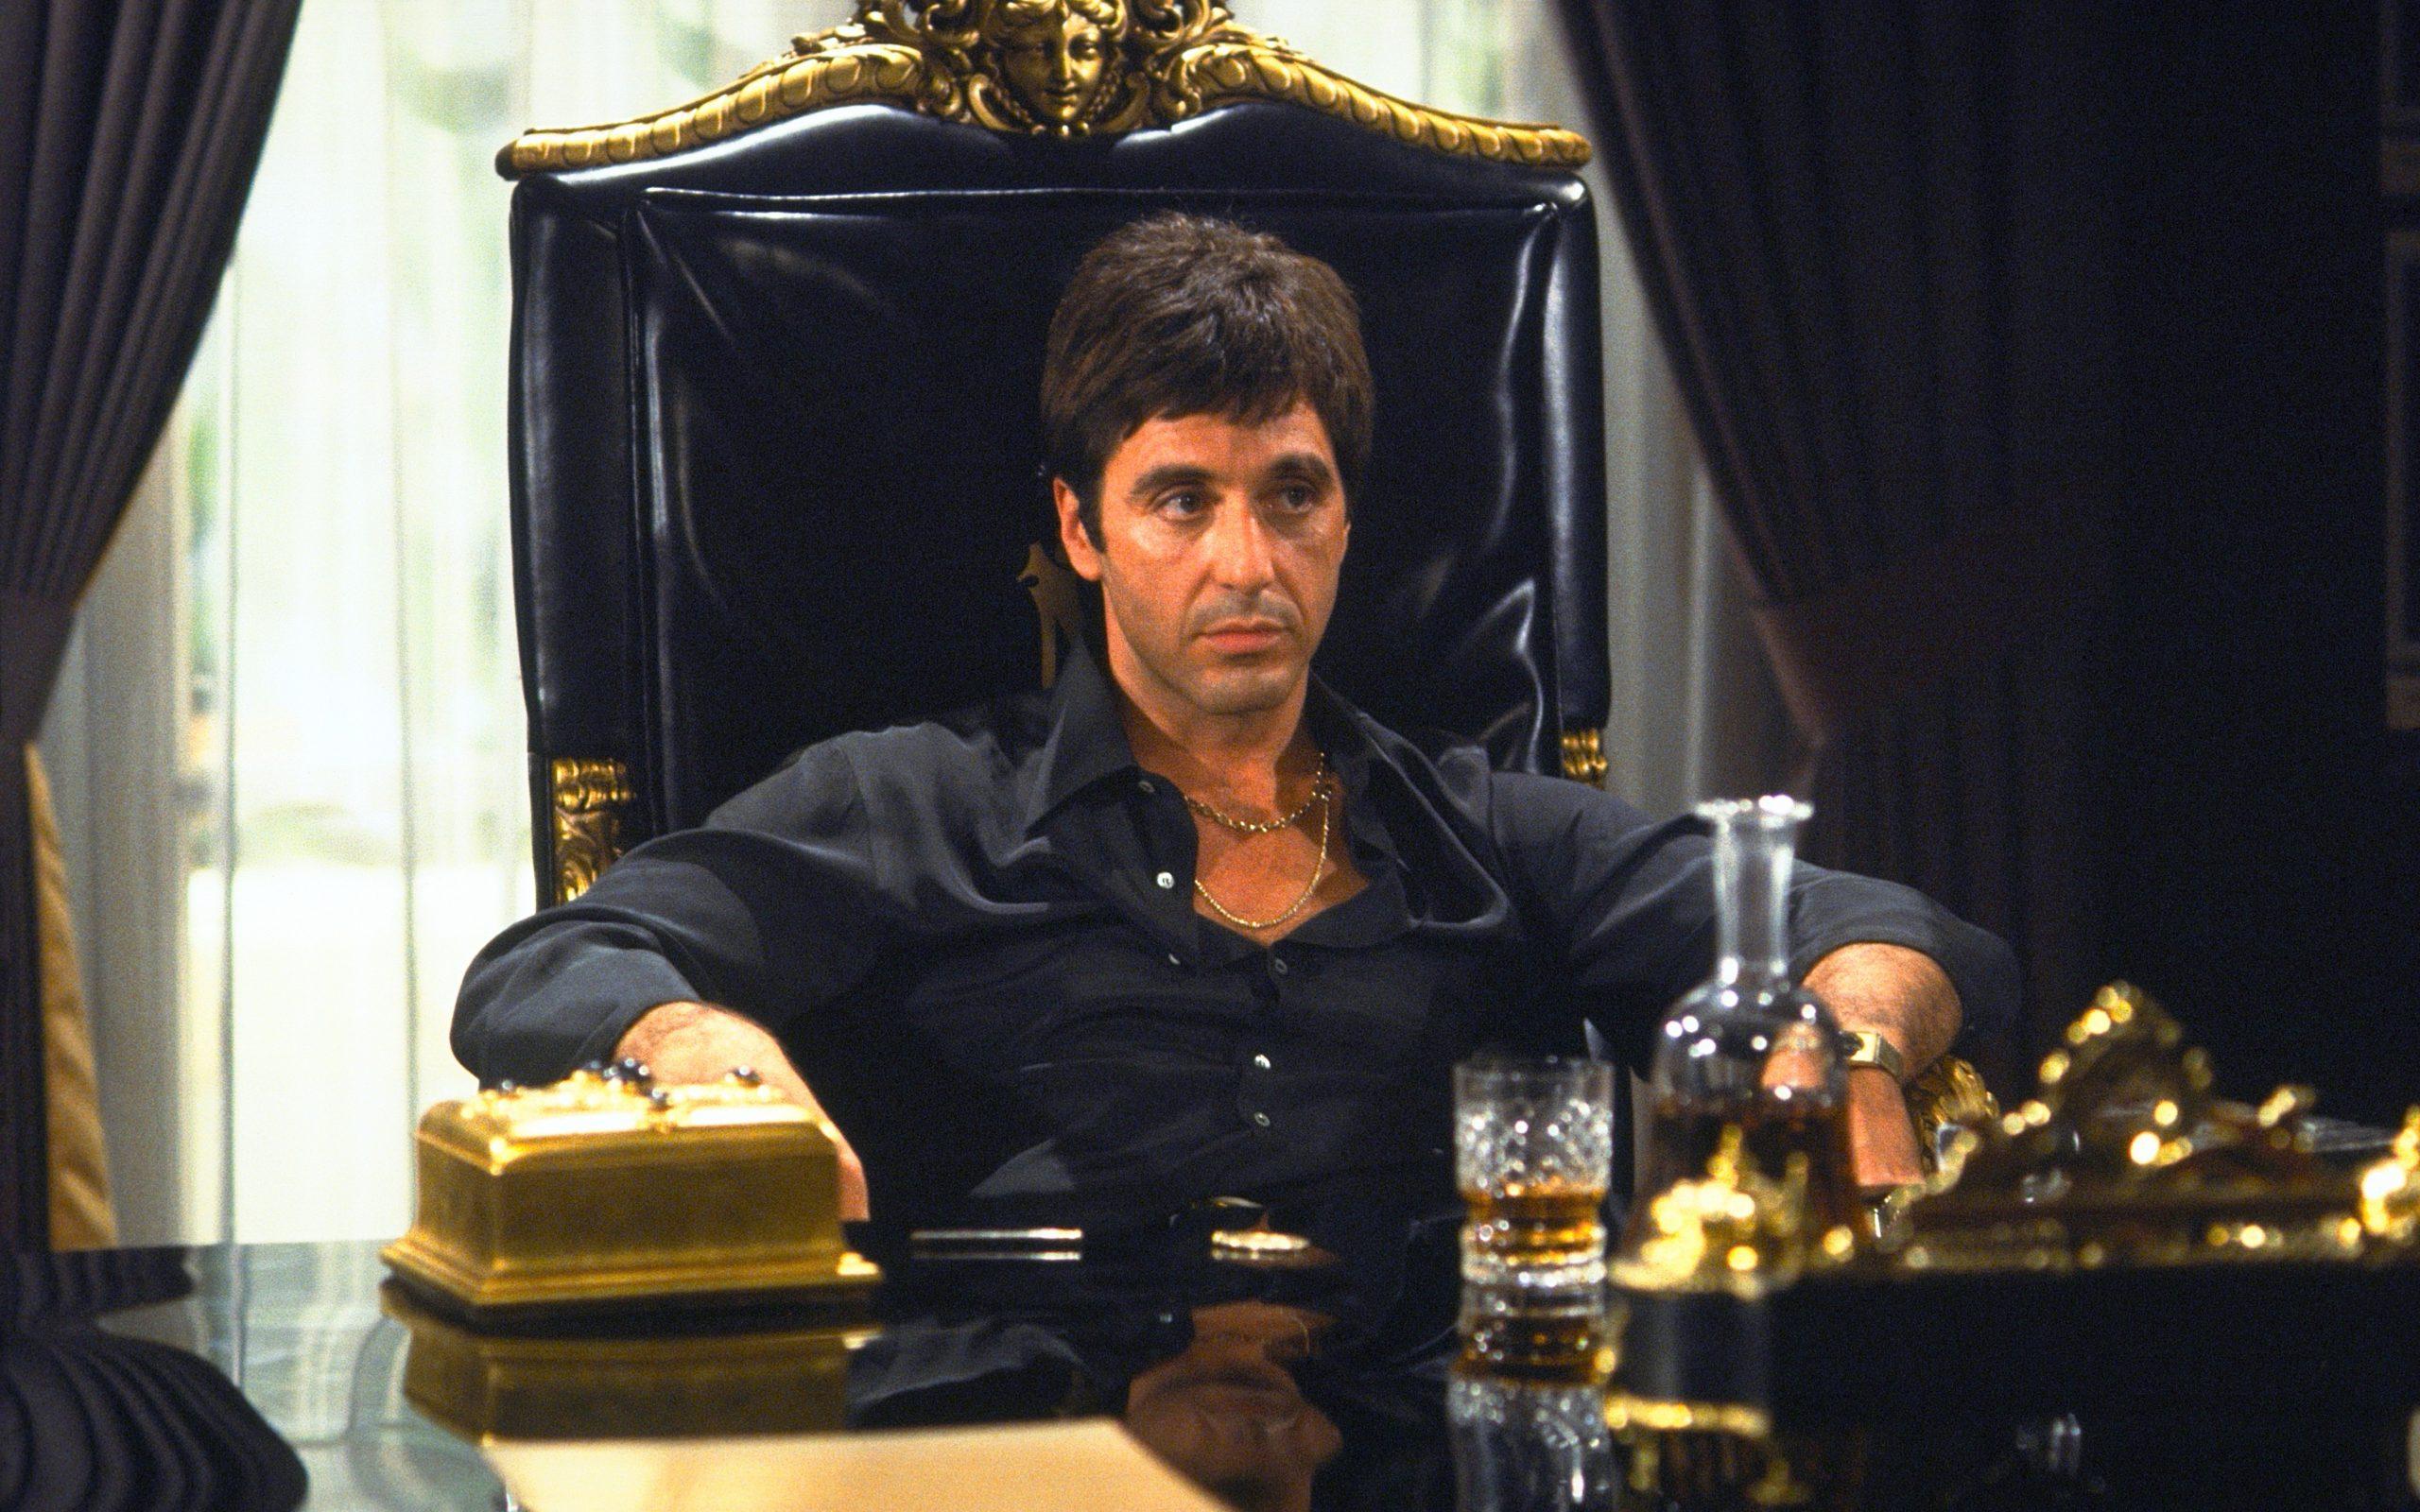 Antonio Montana (Al Pacino) - Scarface